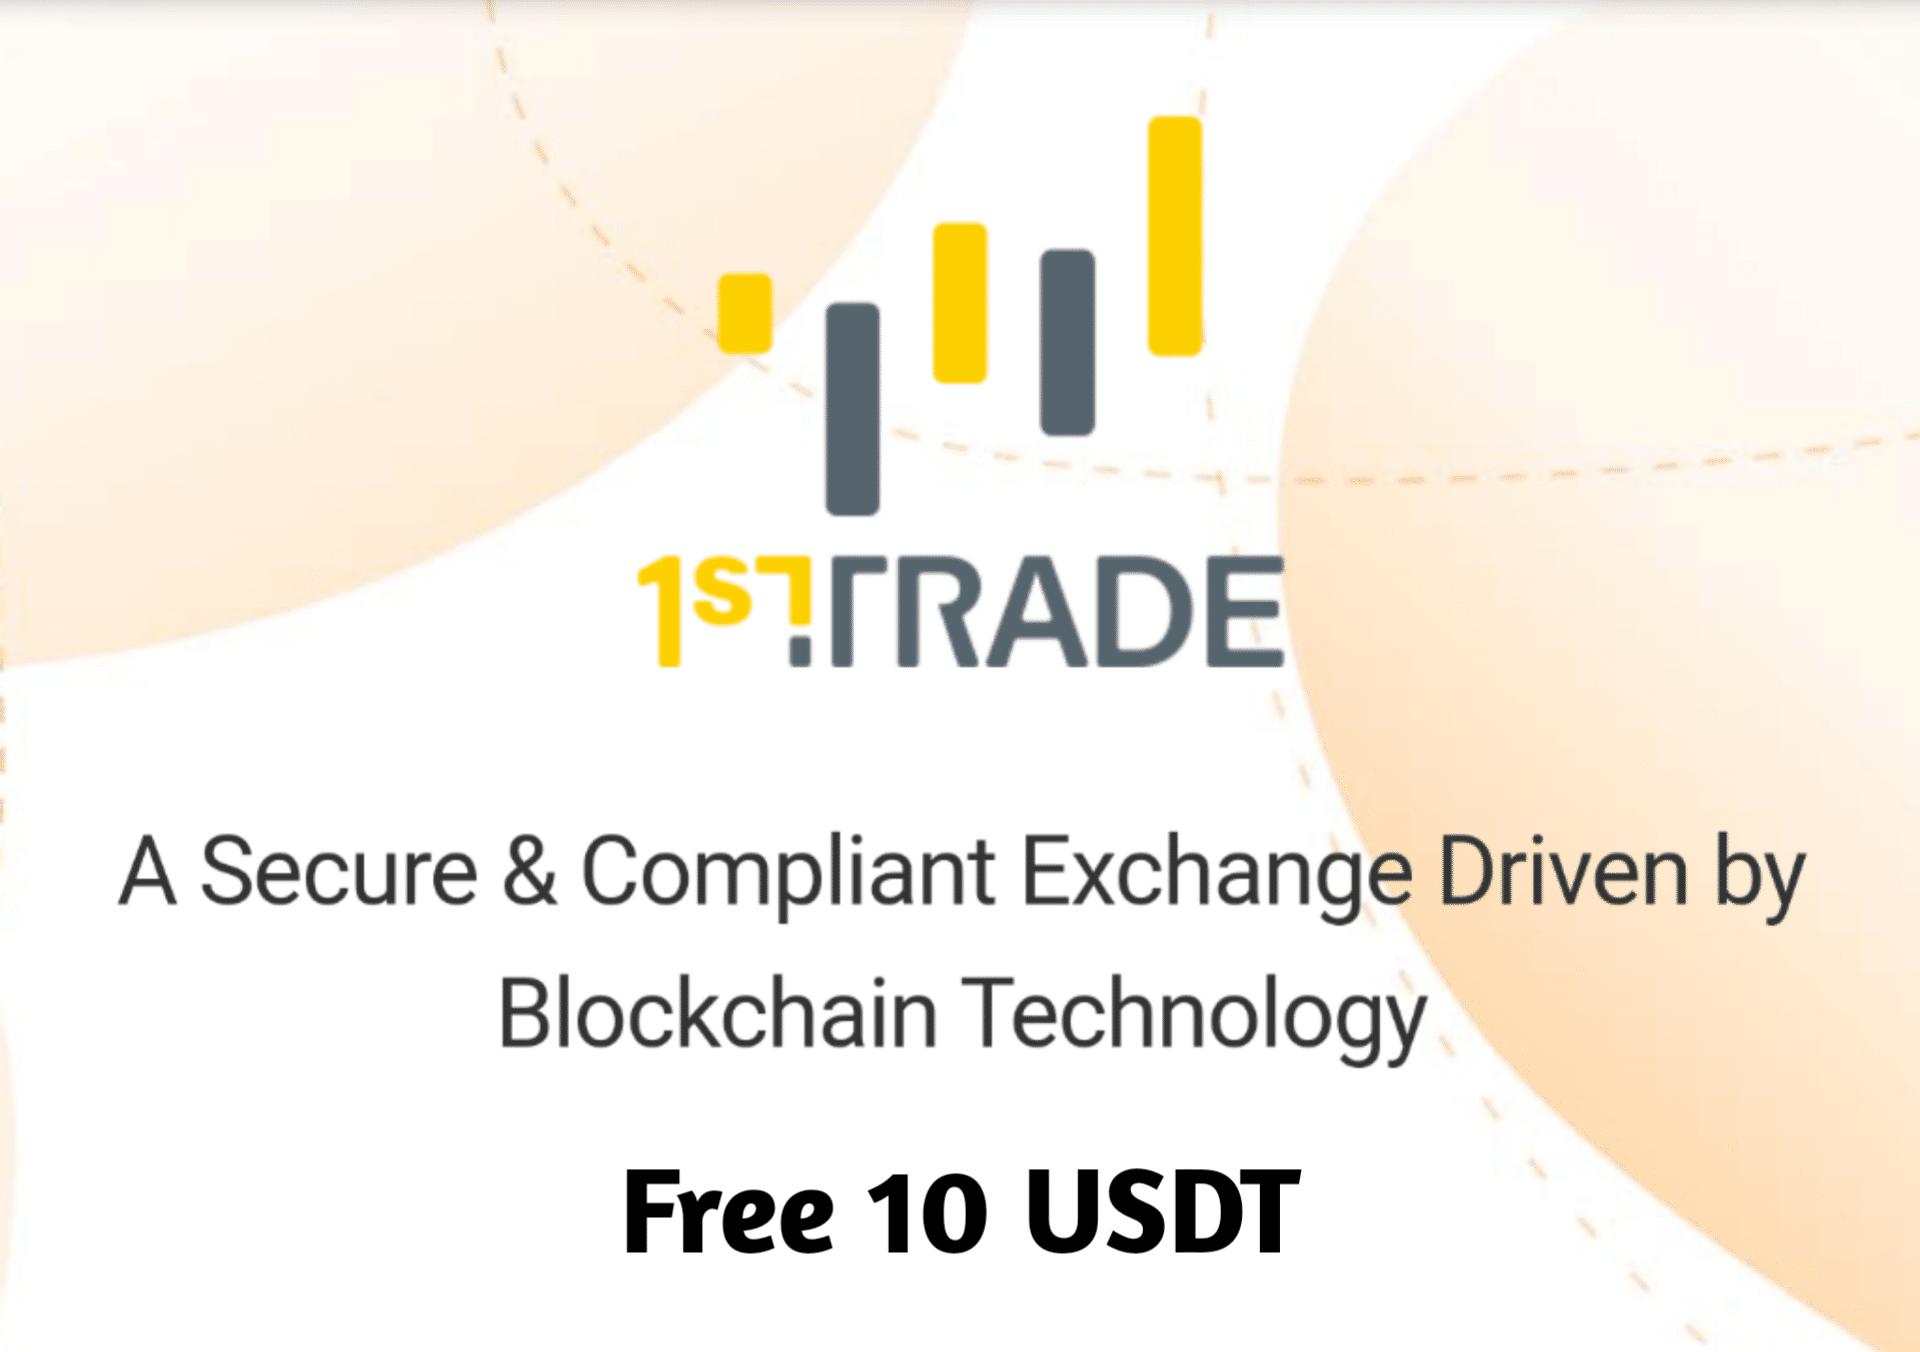 1st TRADE adalah situs pertukaran crypto-asset yang ...